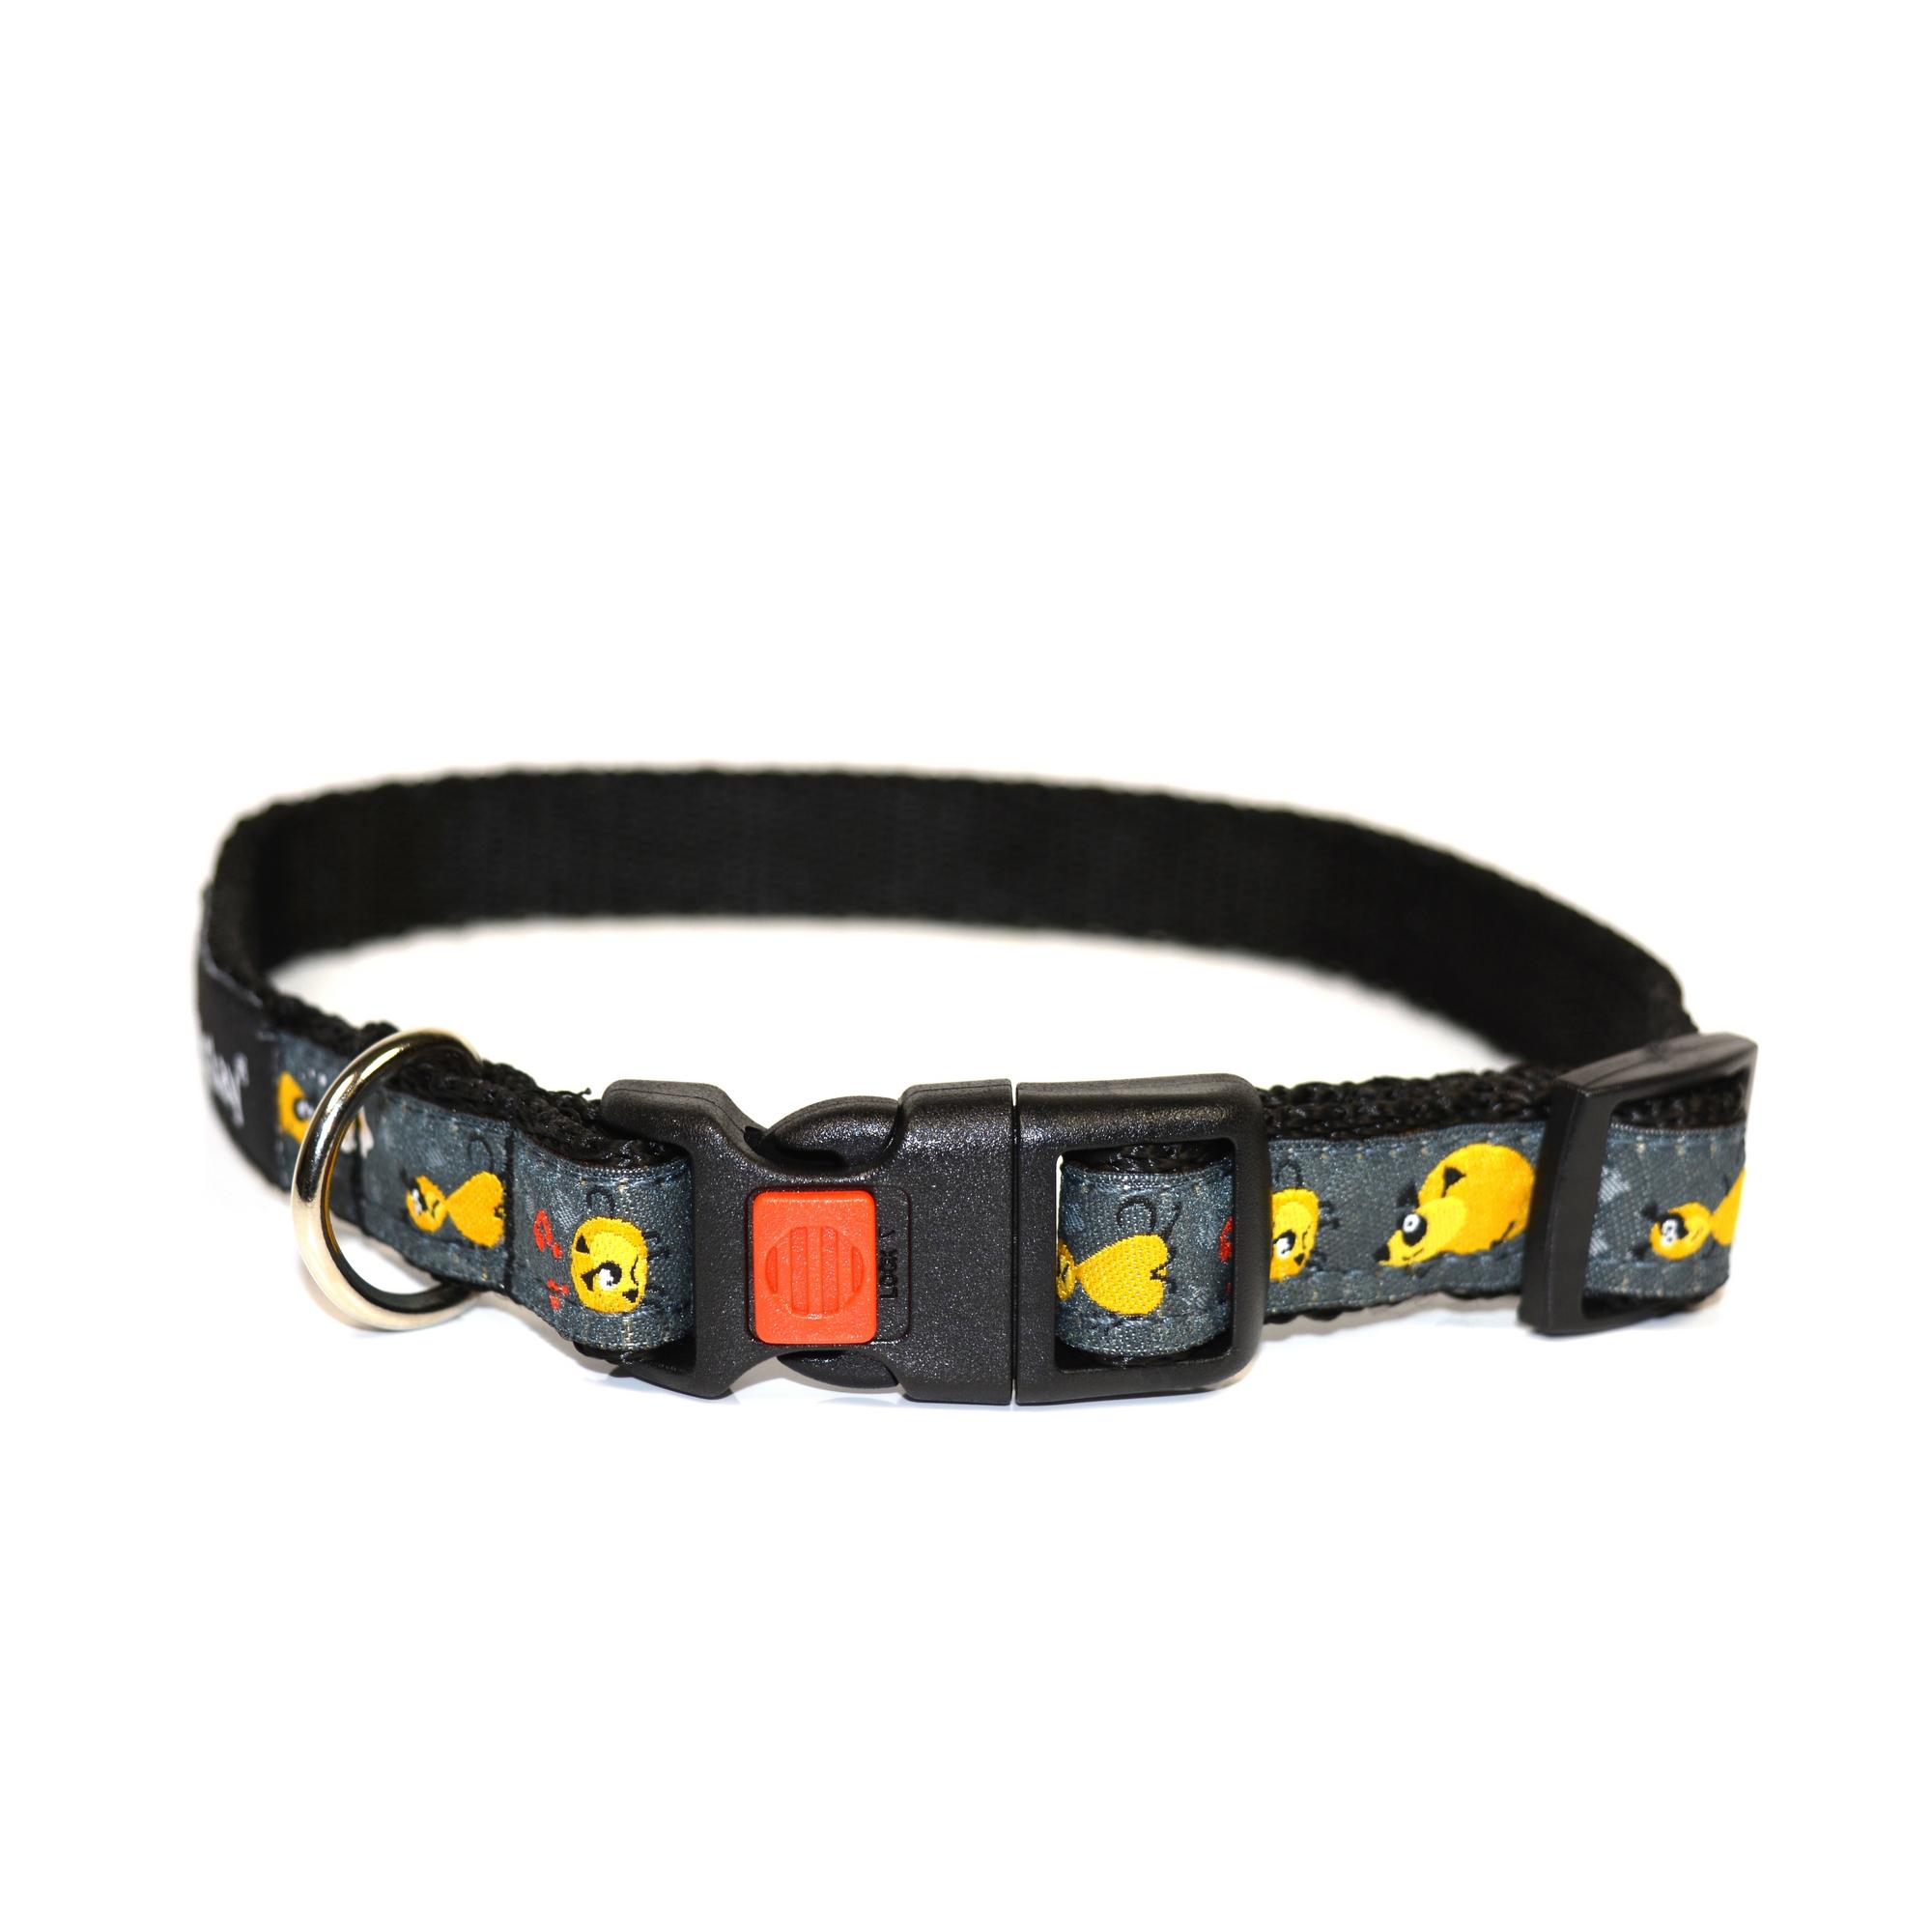 Obojek pro psa nylonový - bezpečnostní - černý se vzorem - 2 x 35 - 50 cm